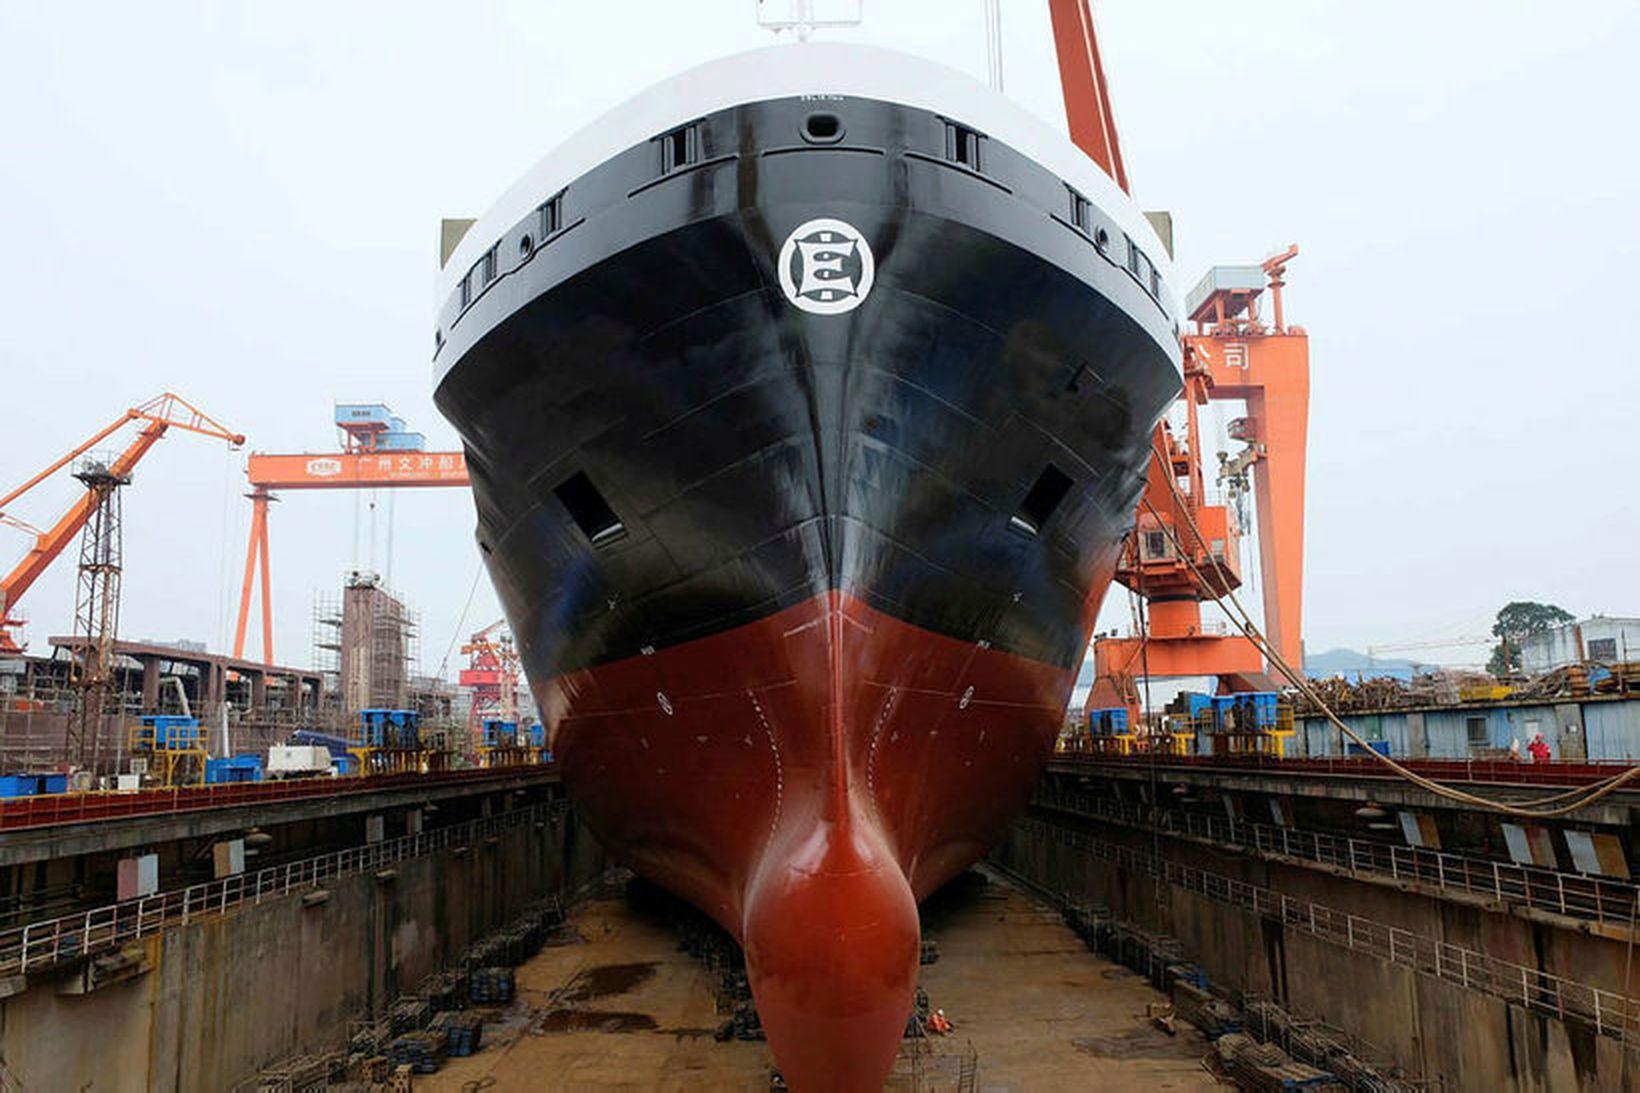 Nýju skipin verða stærstu skip íslenska flotans, 26.500 brúttótonn.